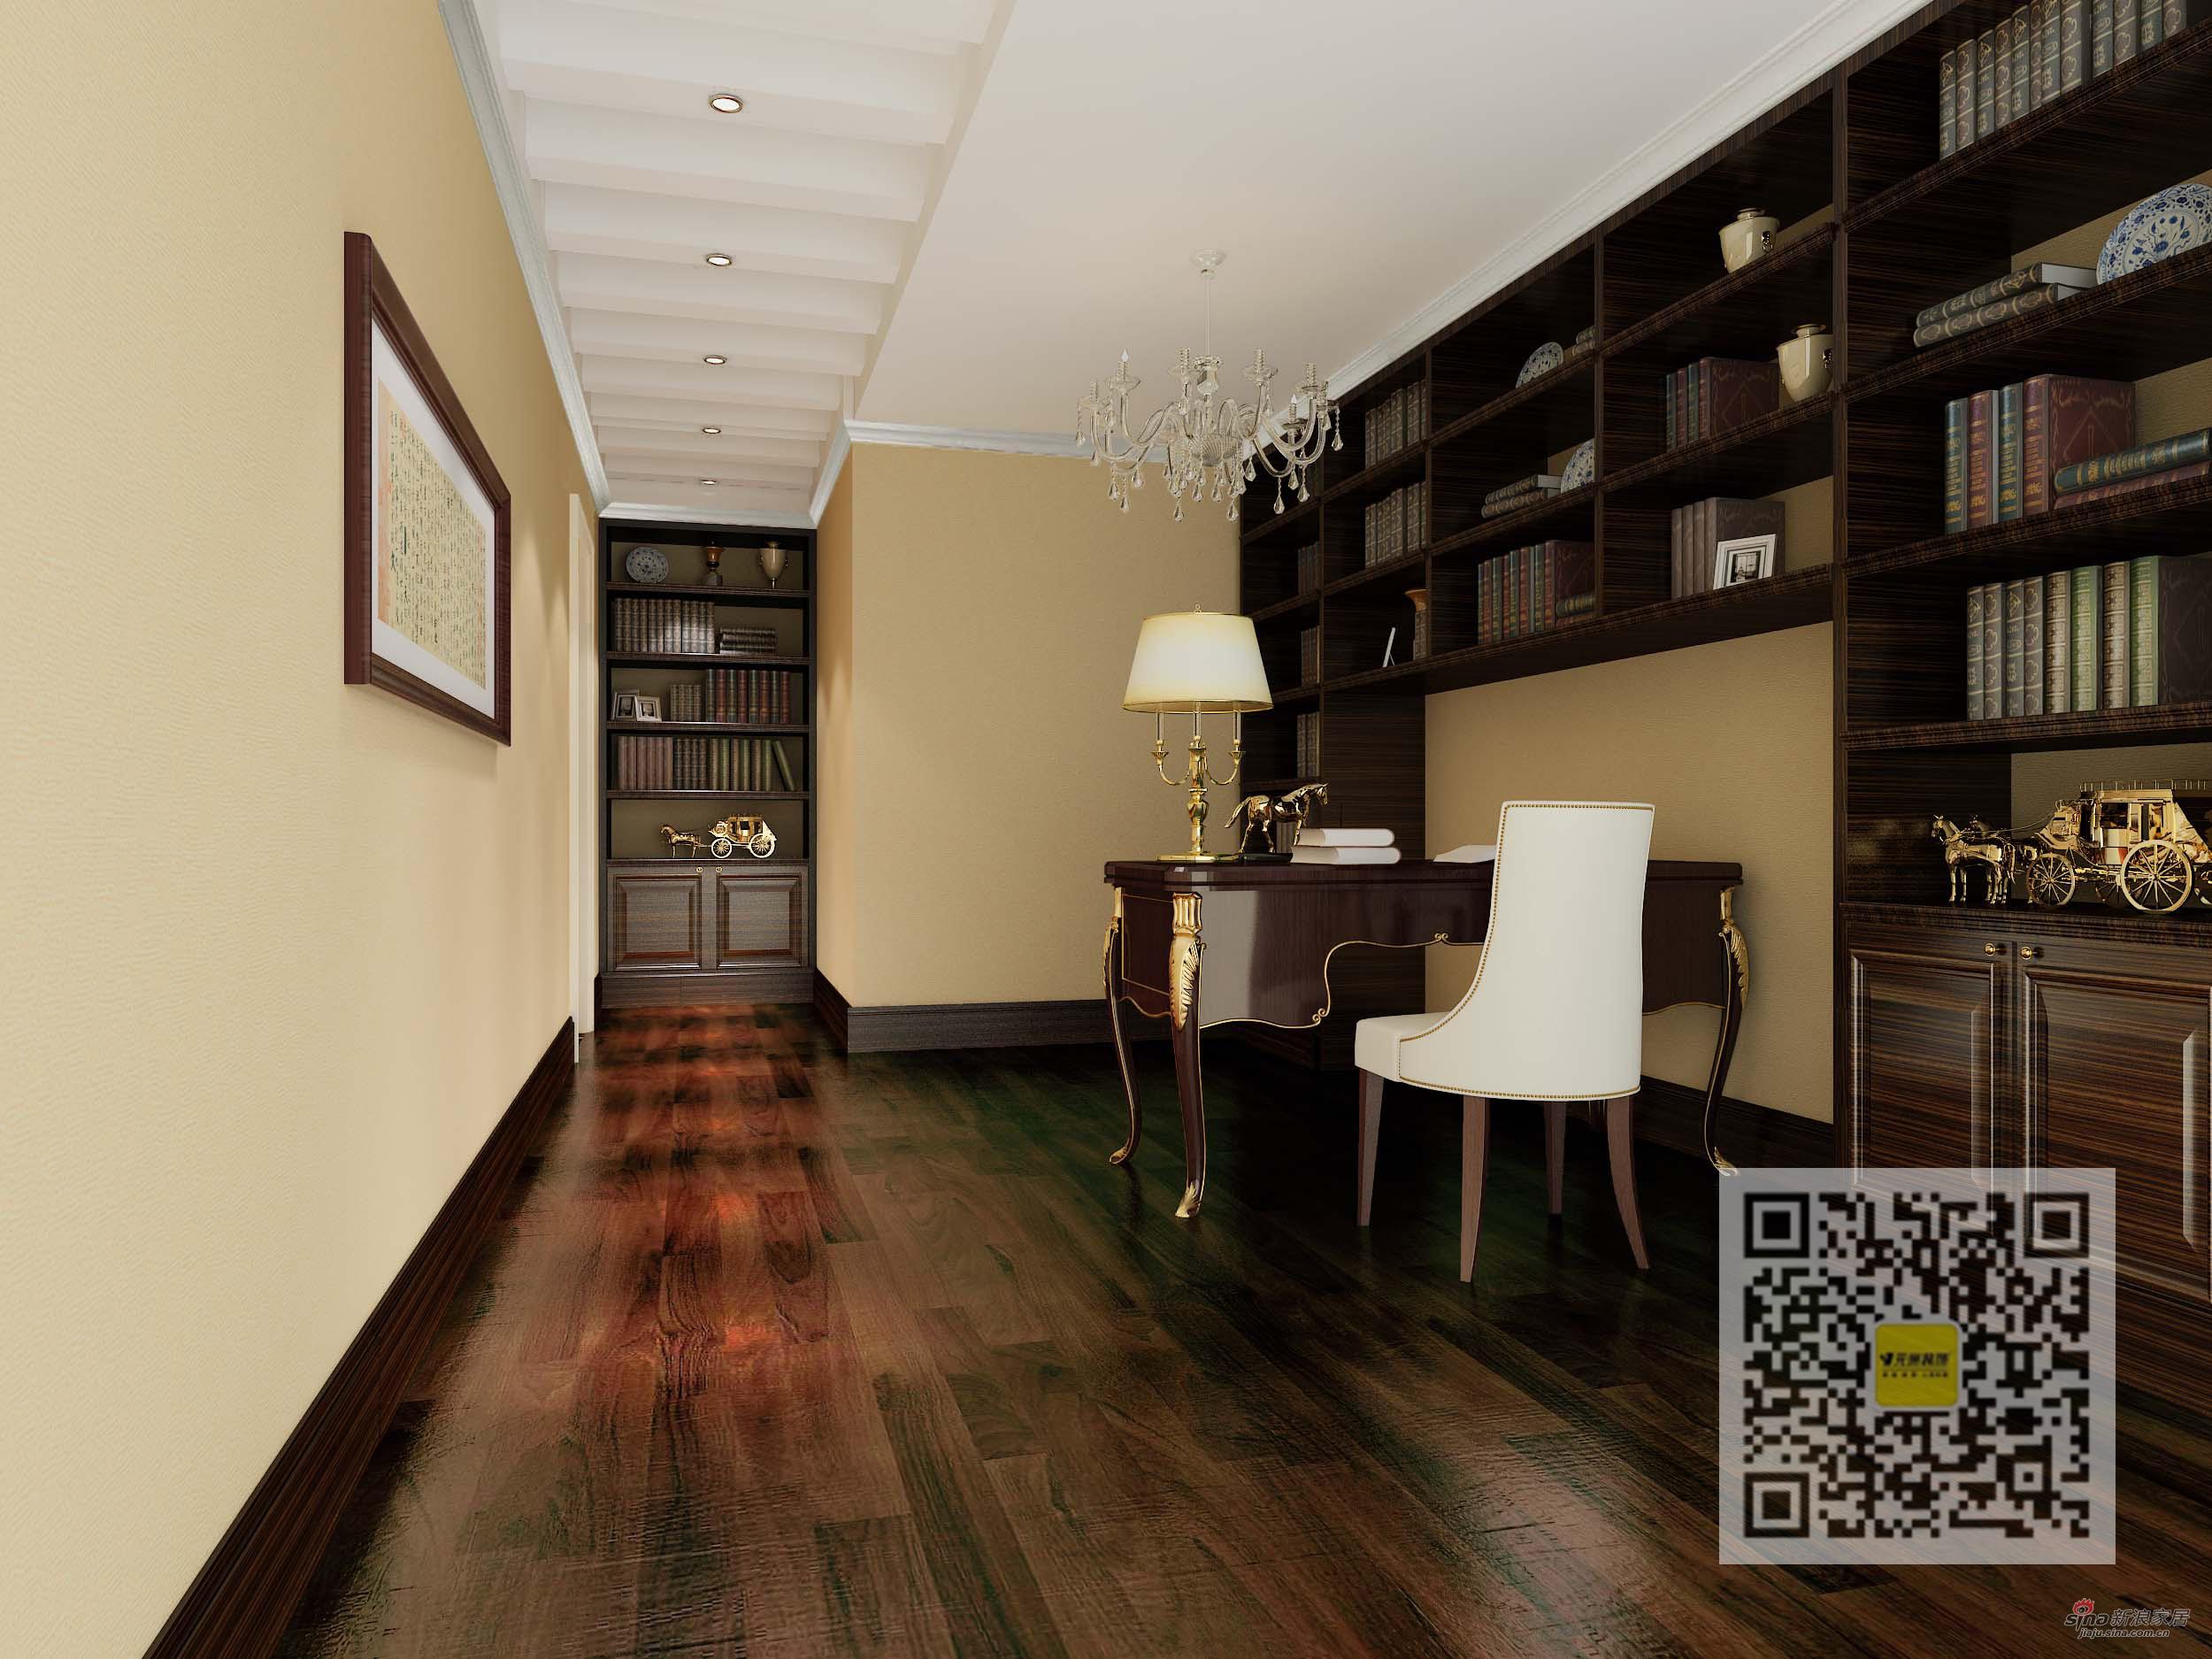 欧式 三居 书房图片来自用户2746869241在英特公寓三居室欧式风格69的分享